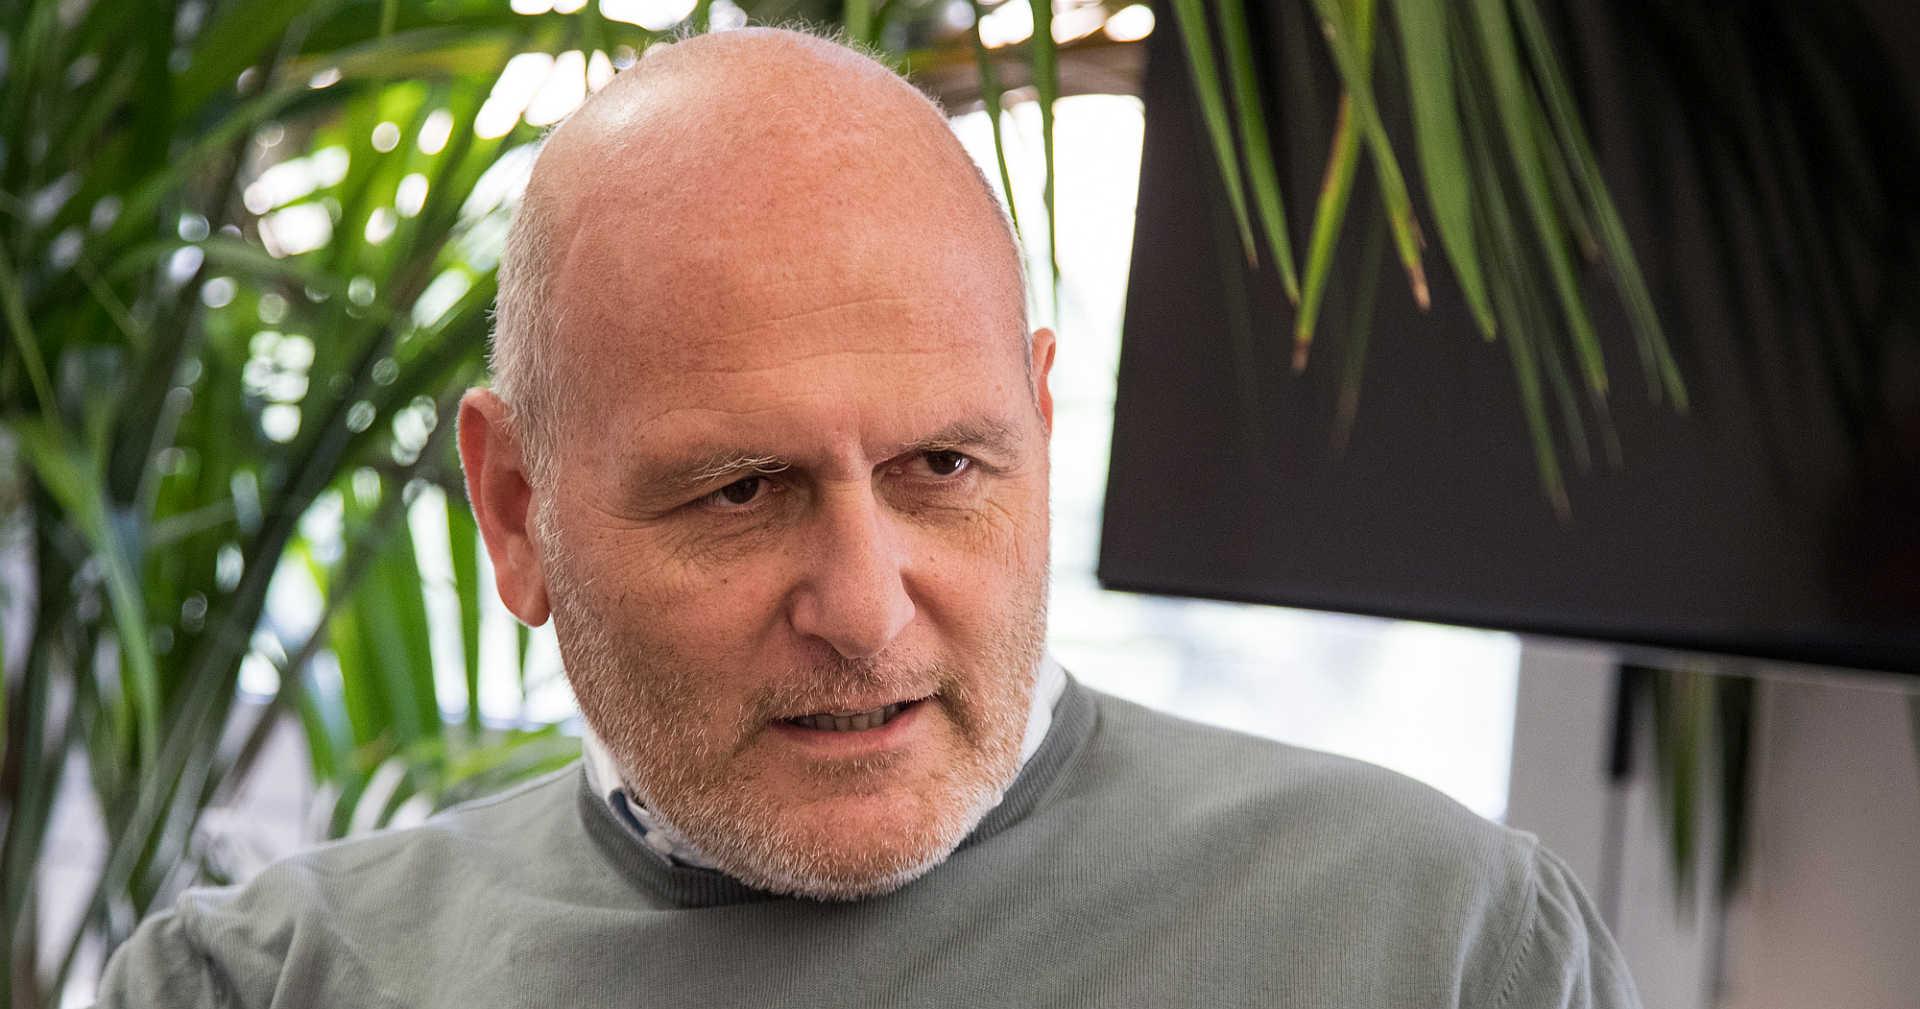 Giovanni Migliore